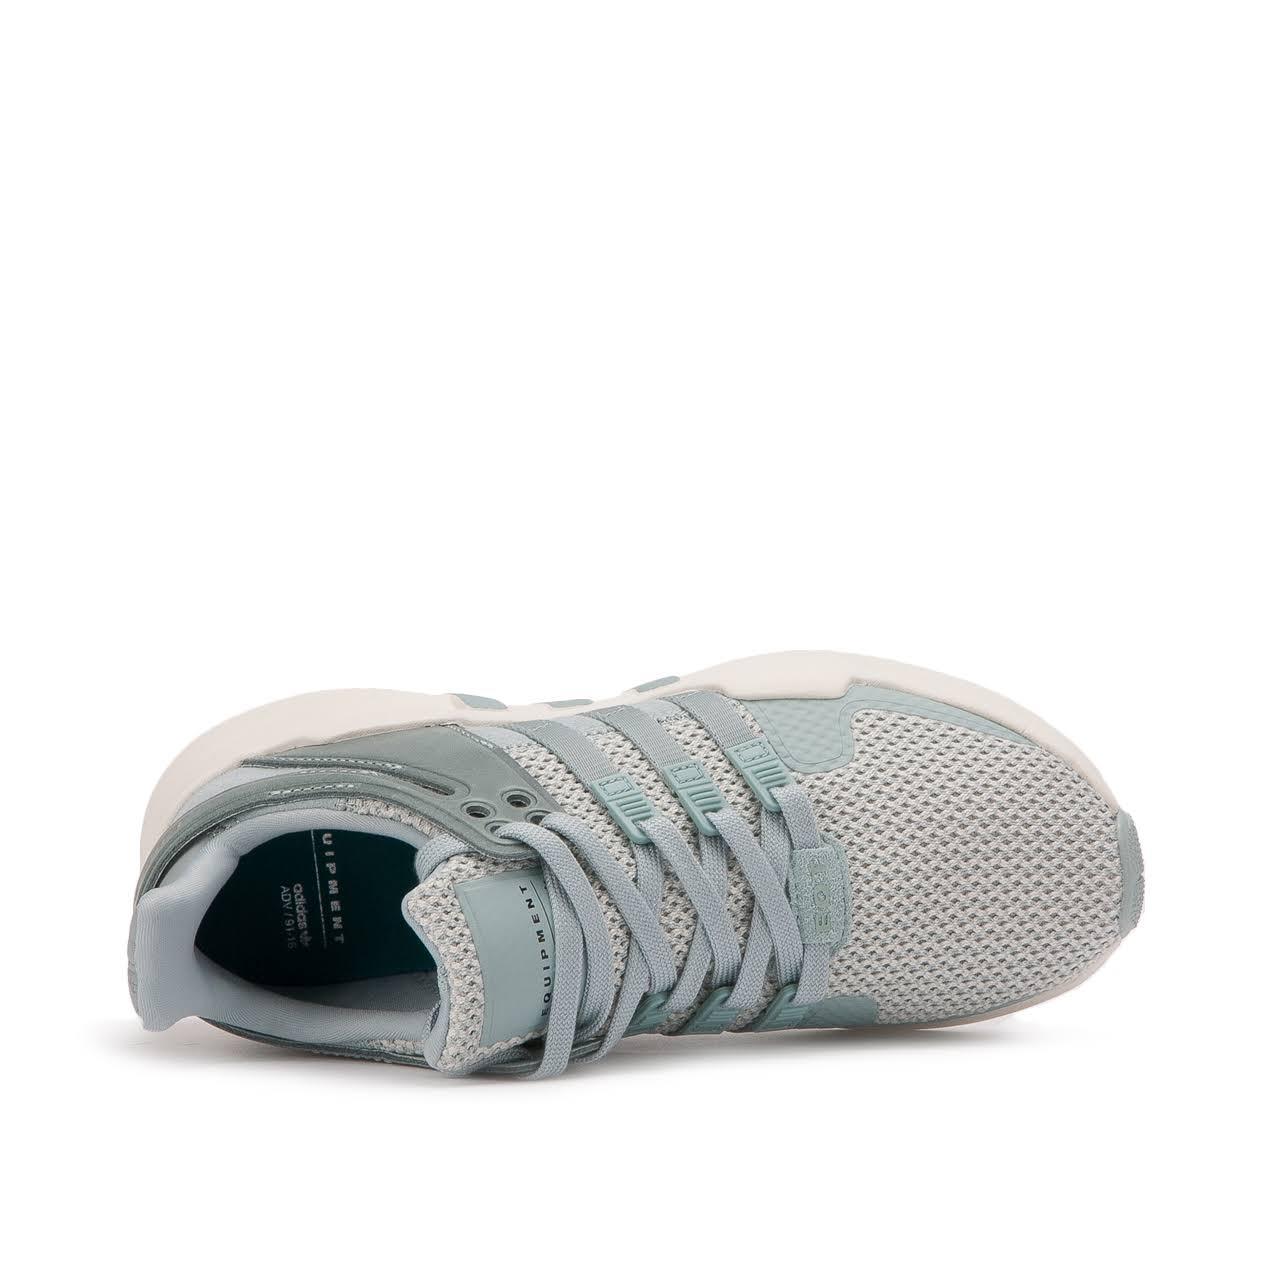 Adidas Adv Eqt Eqt Adv Support Support Adidas W tnqwWTvfPT